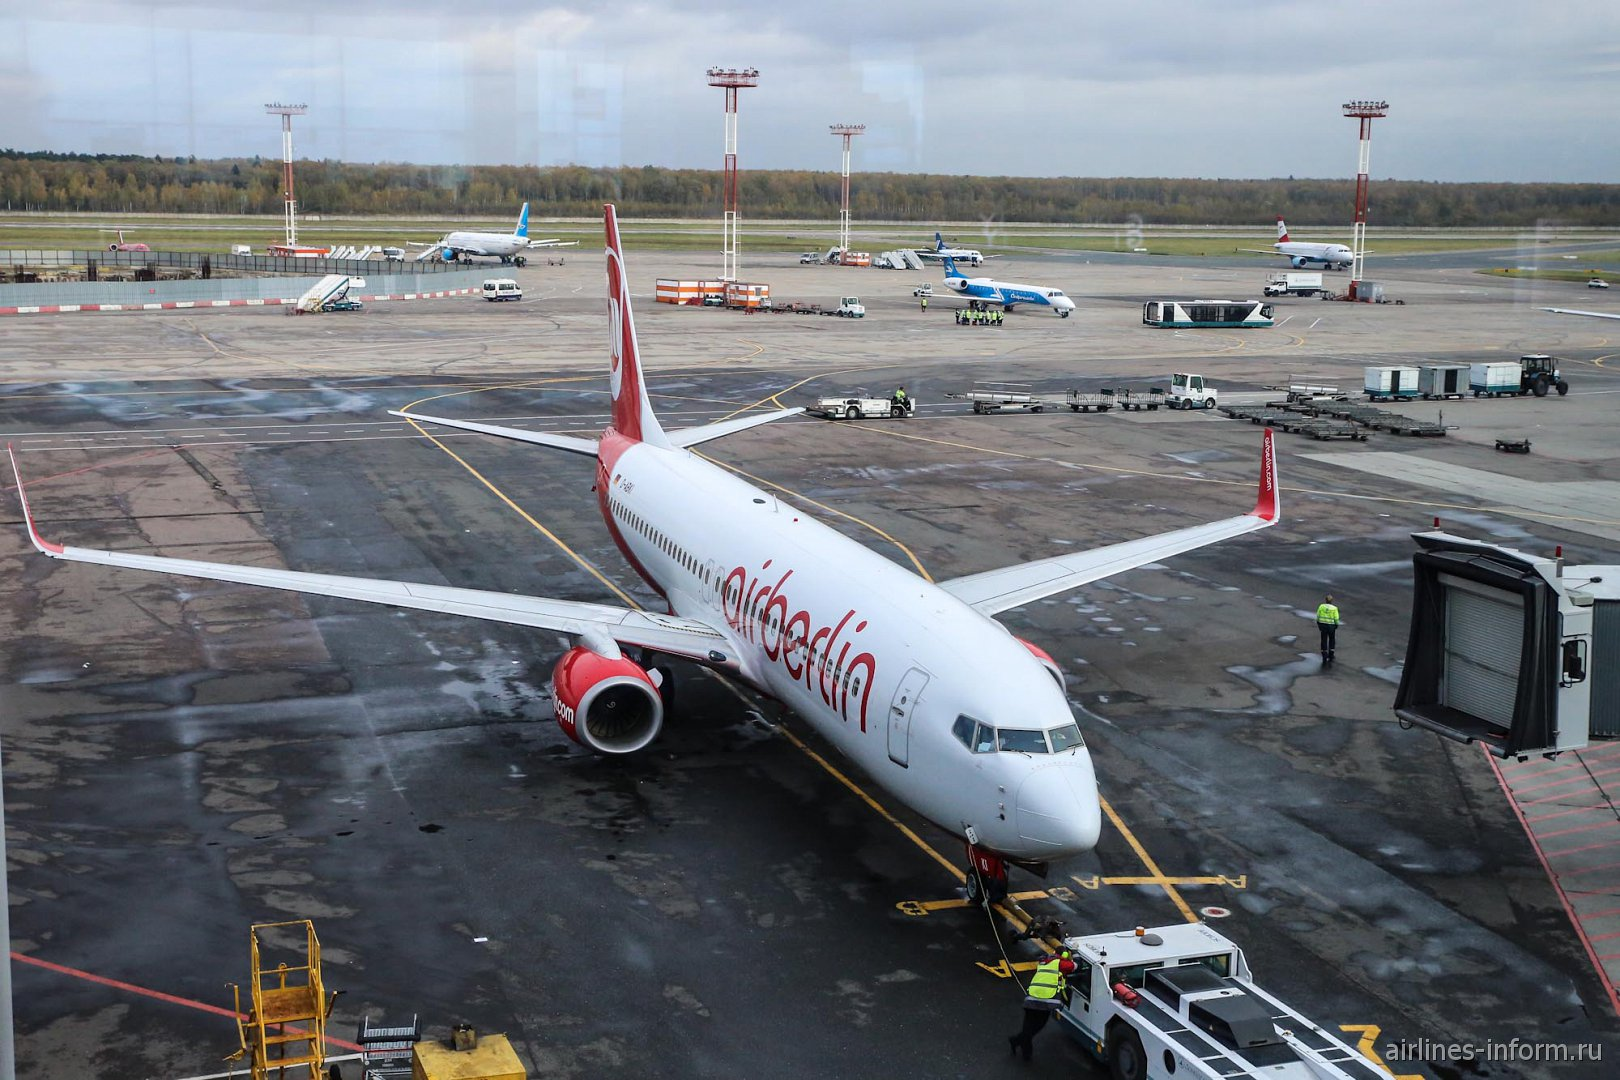 Боинг-737-800 авиакомпании Air Berlin в аэропорту Домодедово